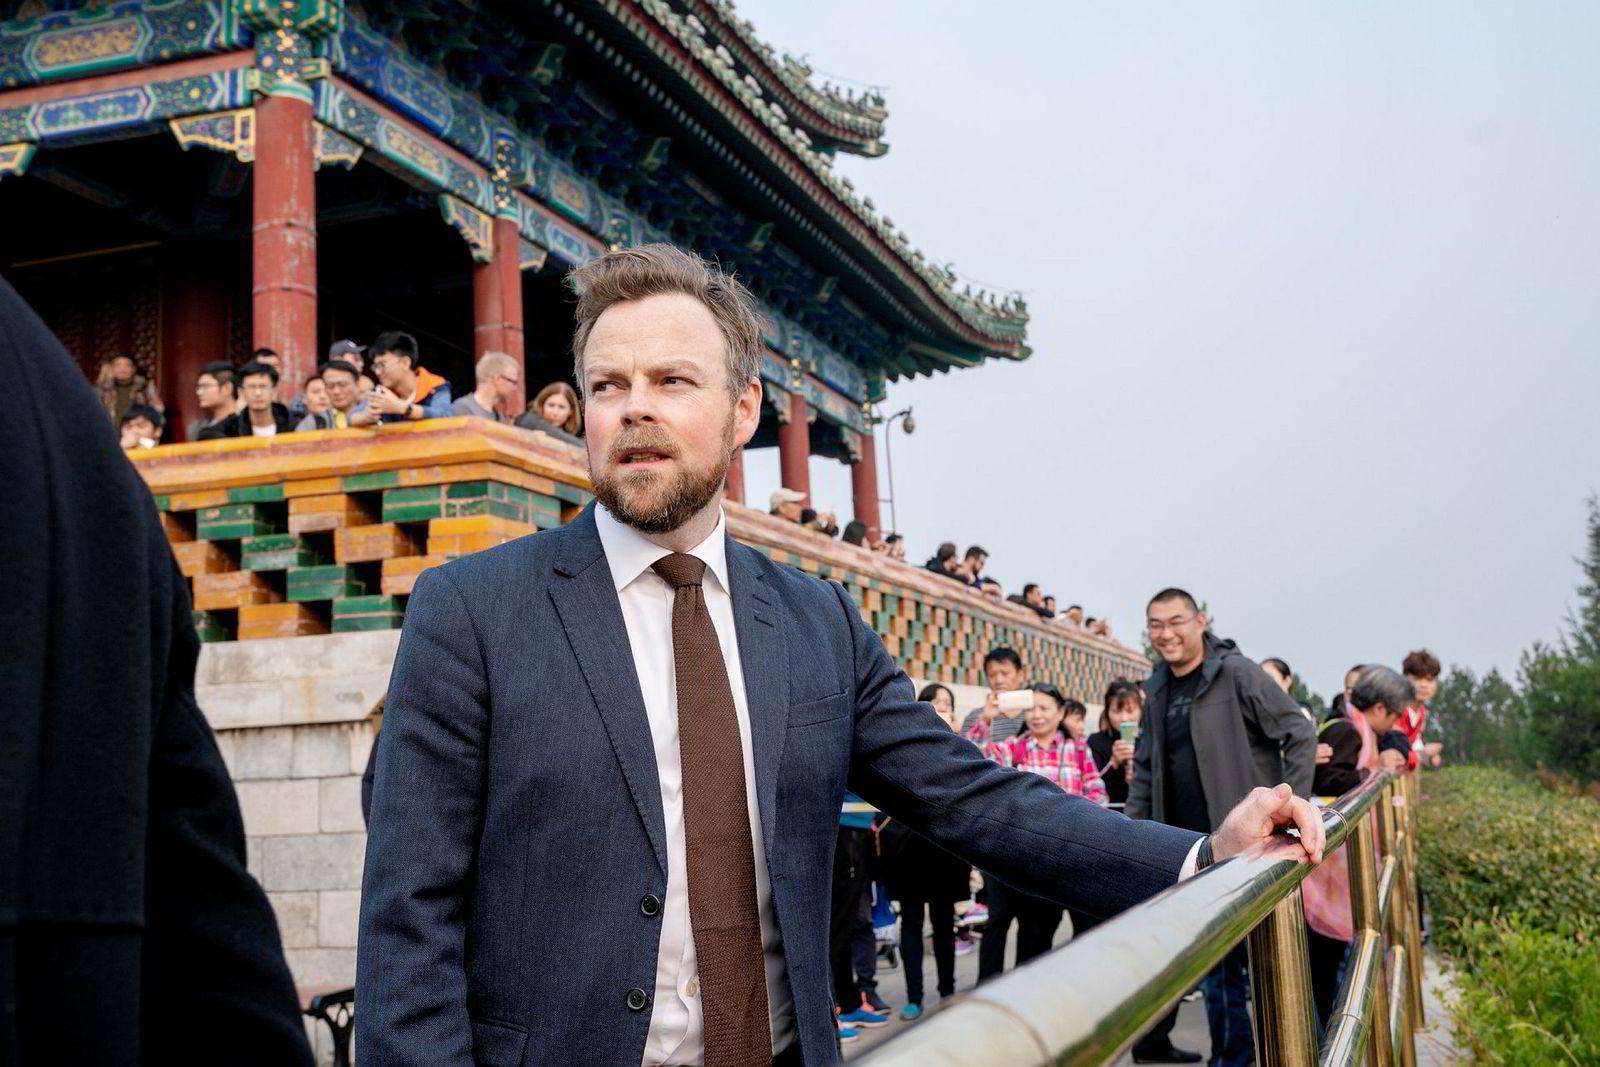 Næringsminister Torbjørn Røe Isaksen møtte norsk presse i Jingshin Park i Beijing søndag. Han er i Kina for å øke handelen mellom landene – og en ny flyrute.